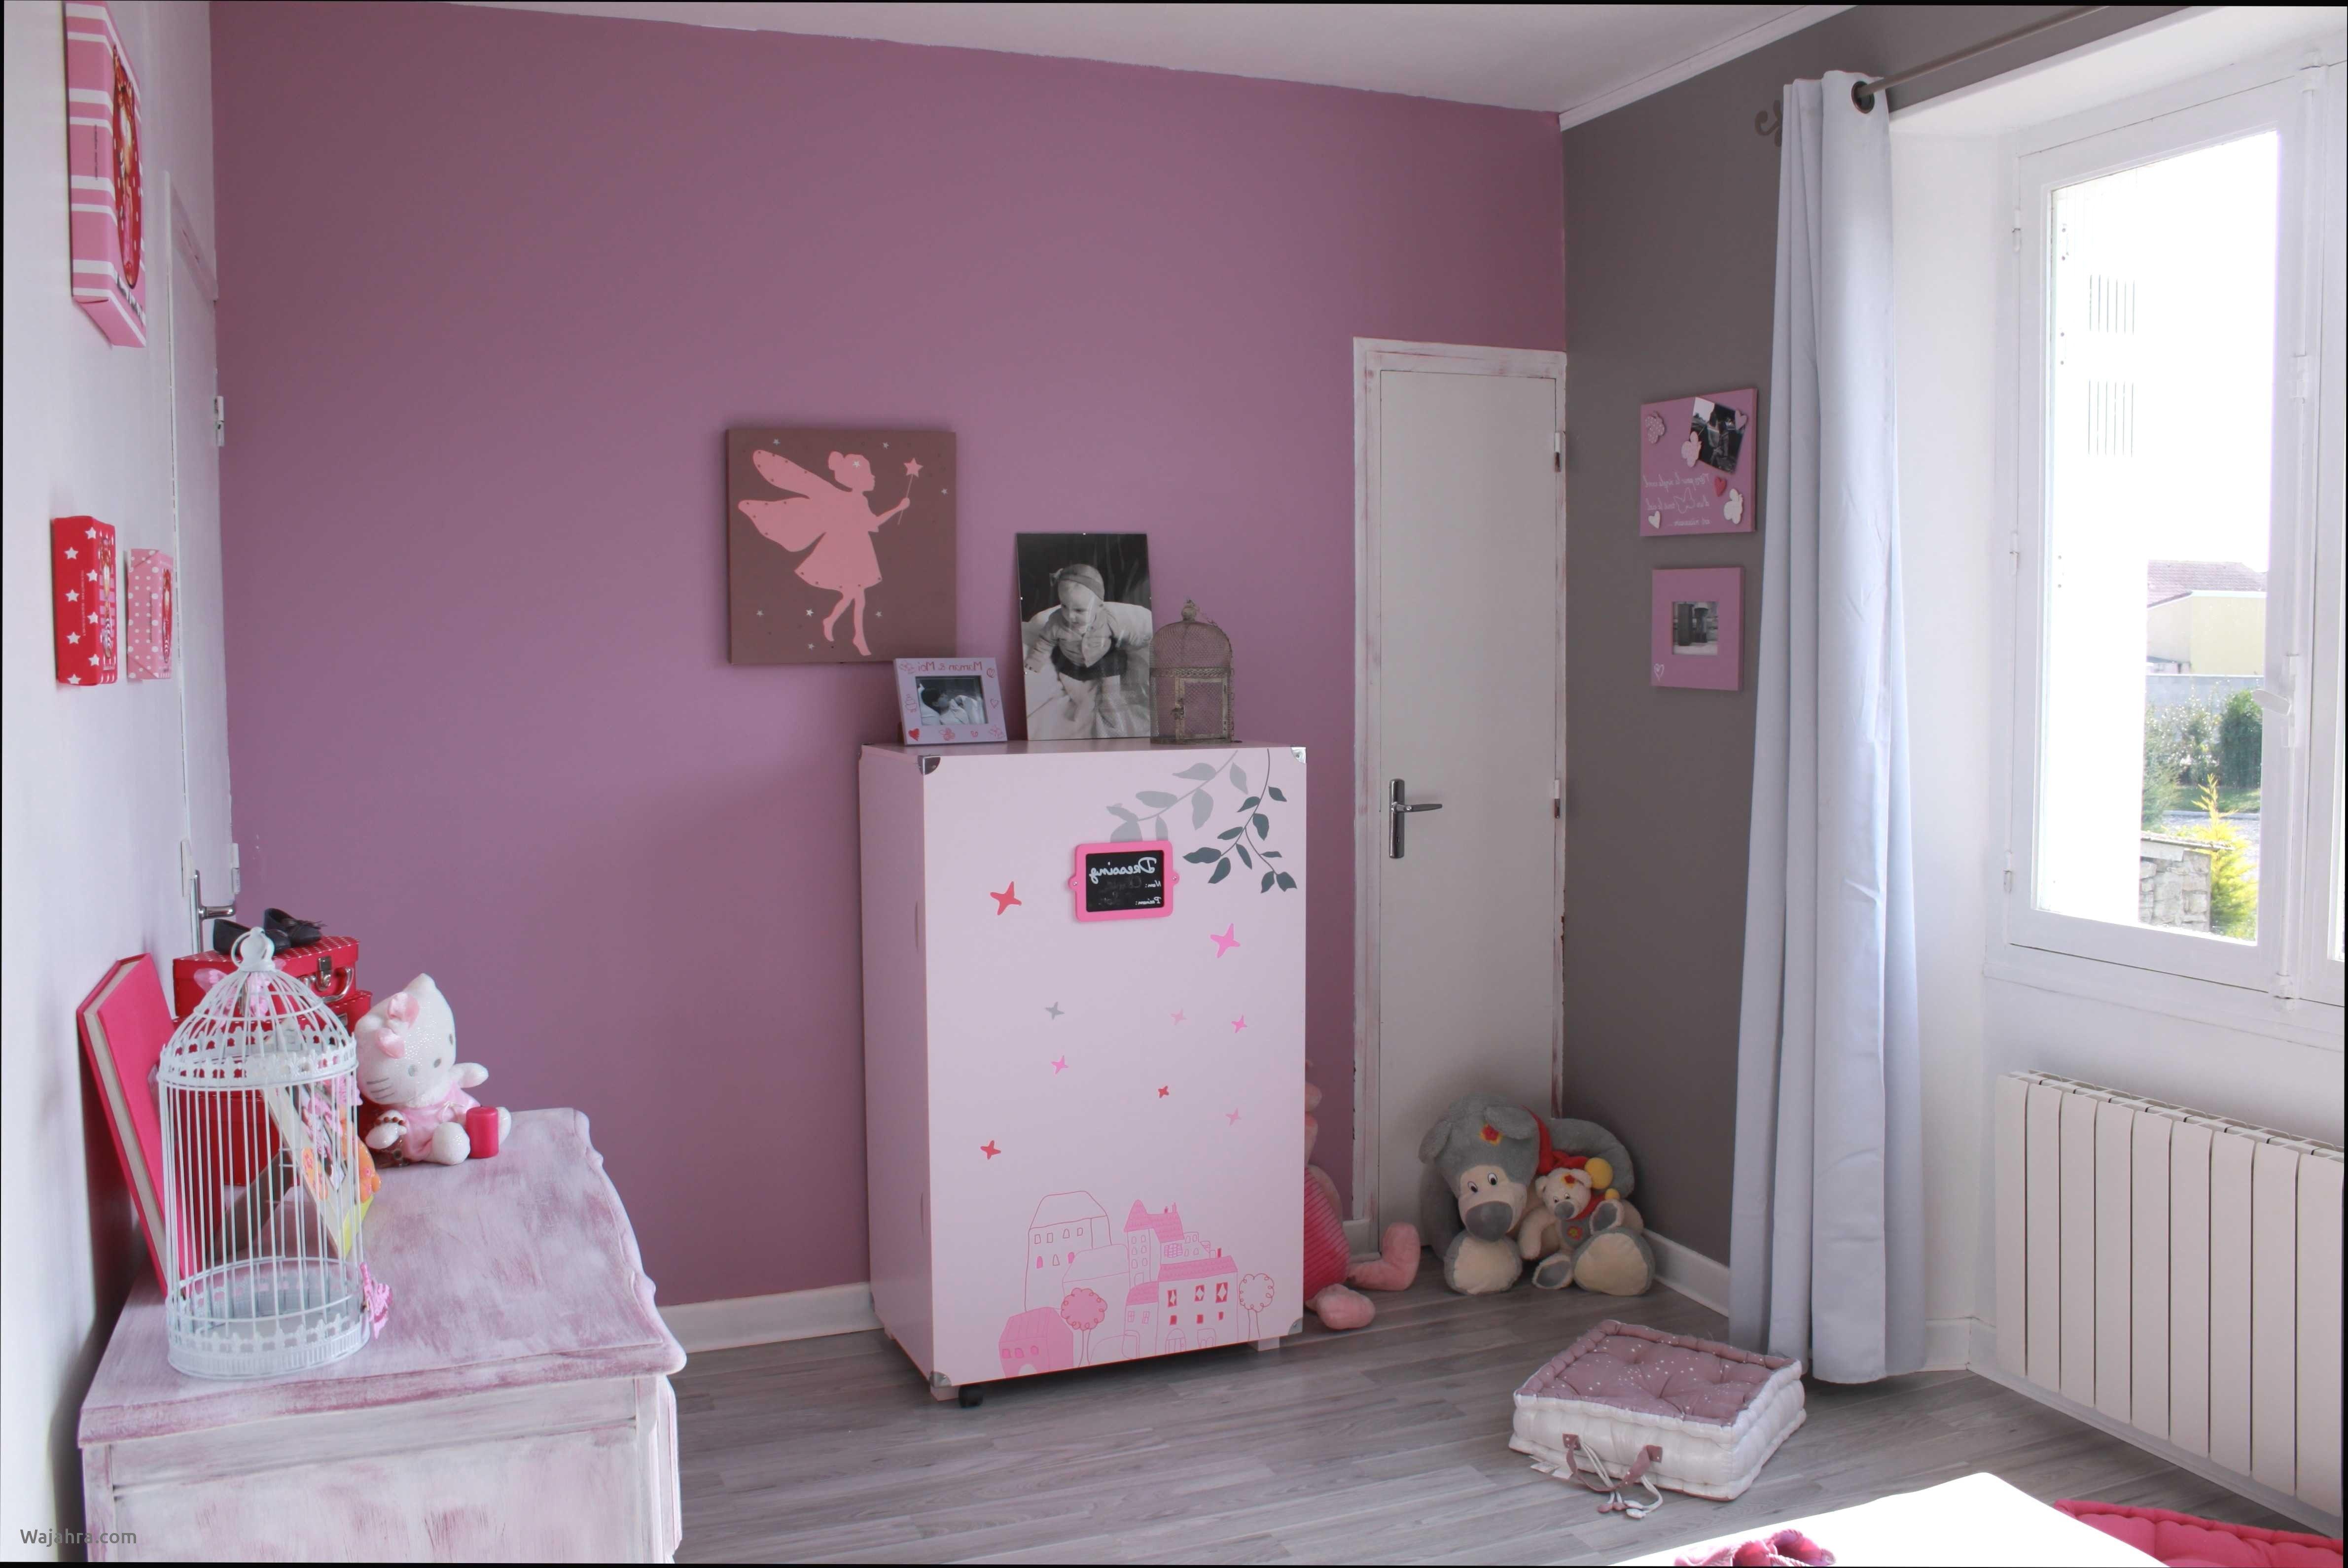 Lit Bébé 2 Ans Luxe Meilleur Lit Pour Bébé Support Pour Baignoire Bébé Elegant Mode Bébé